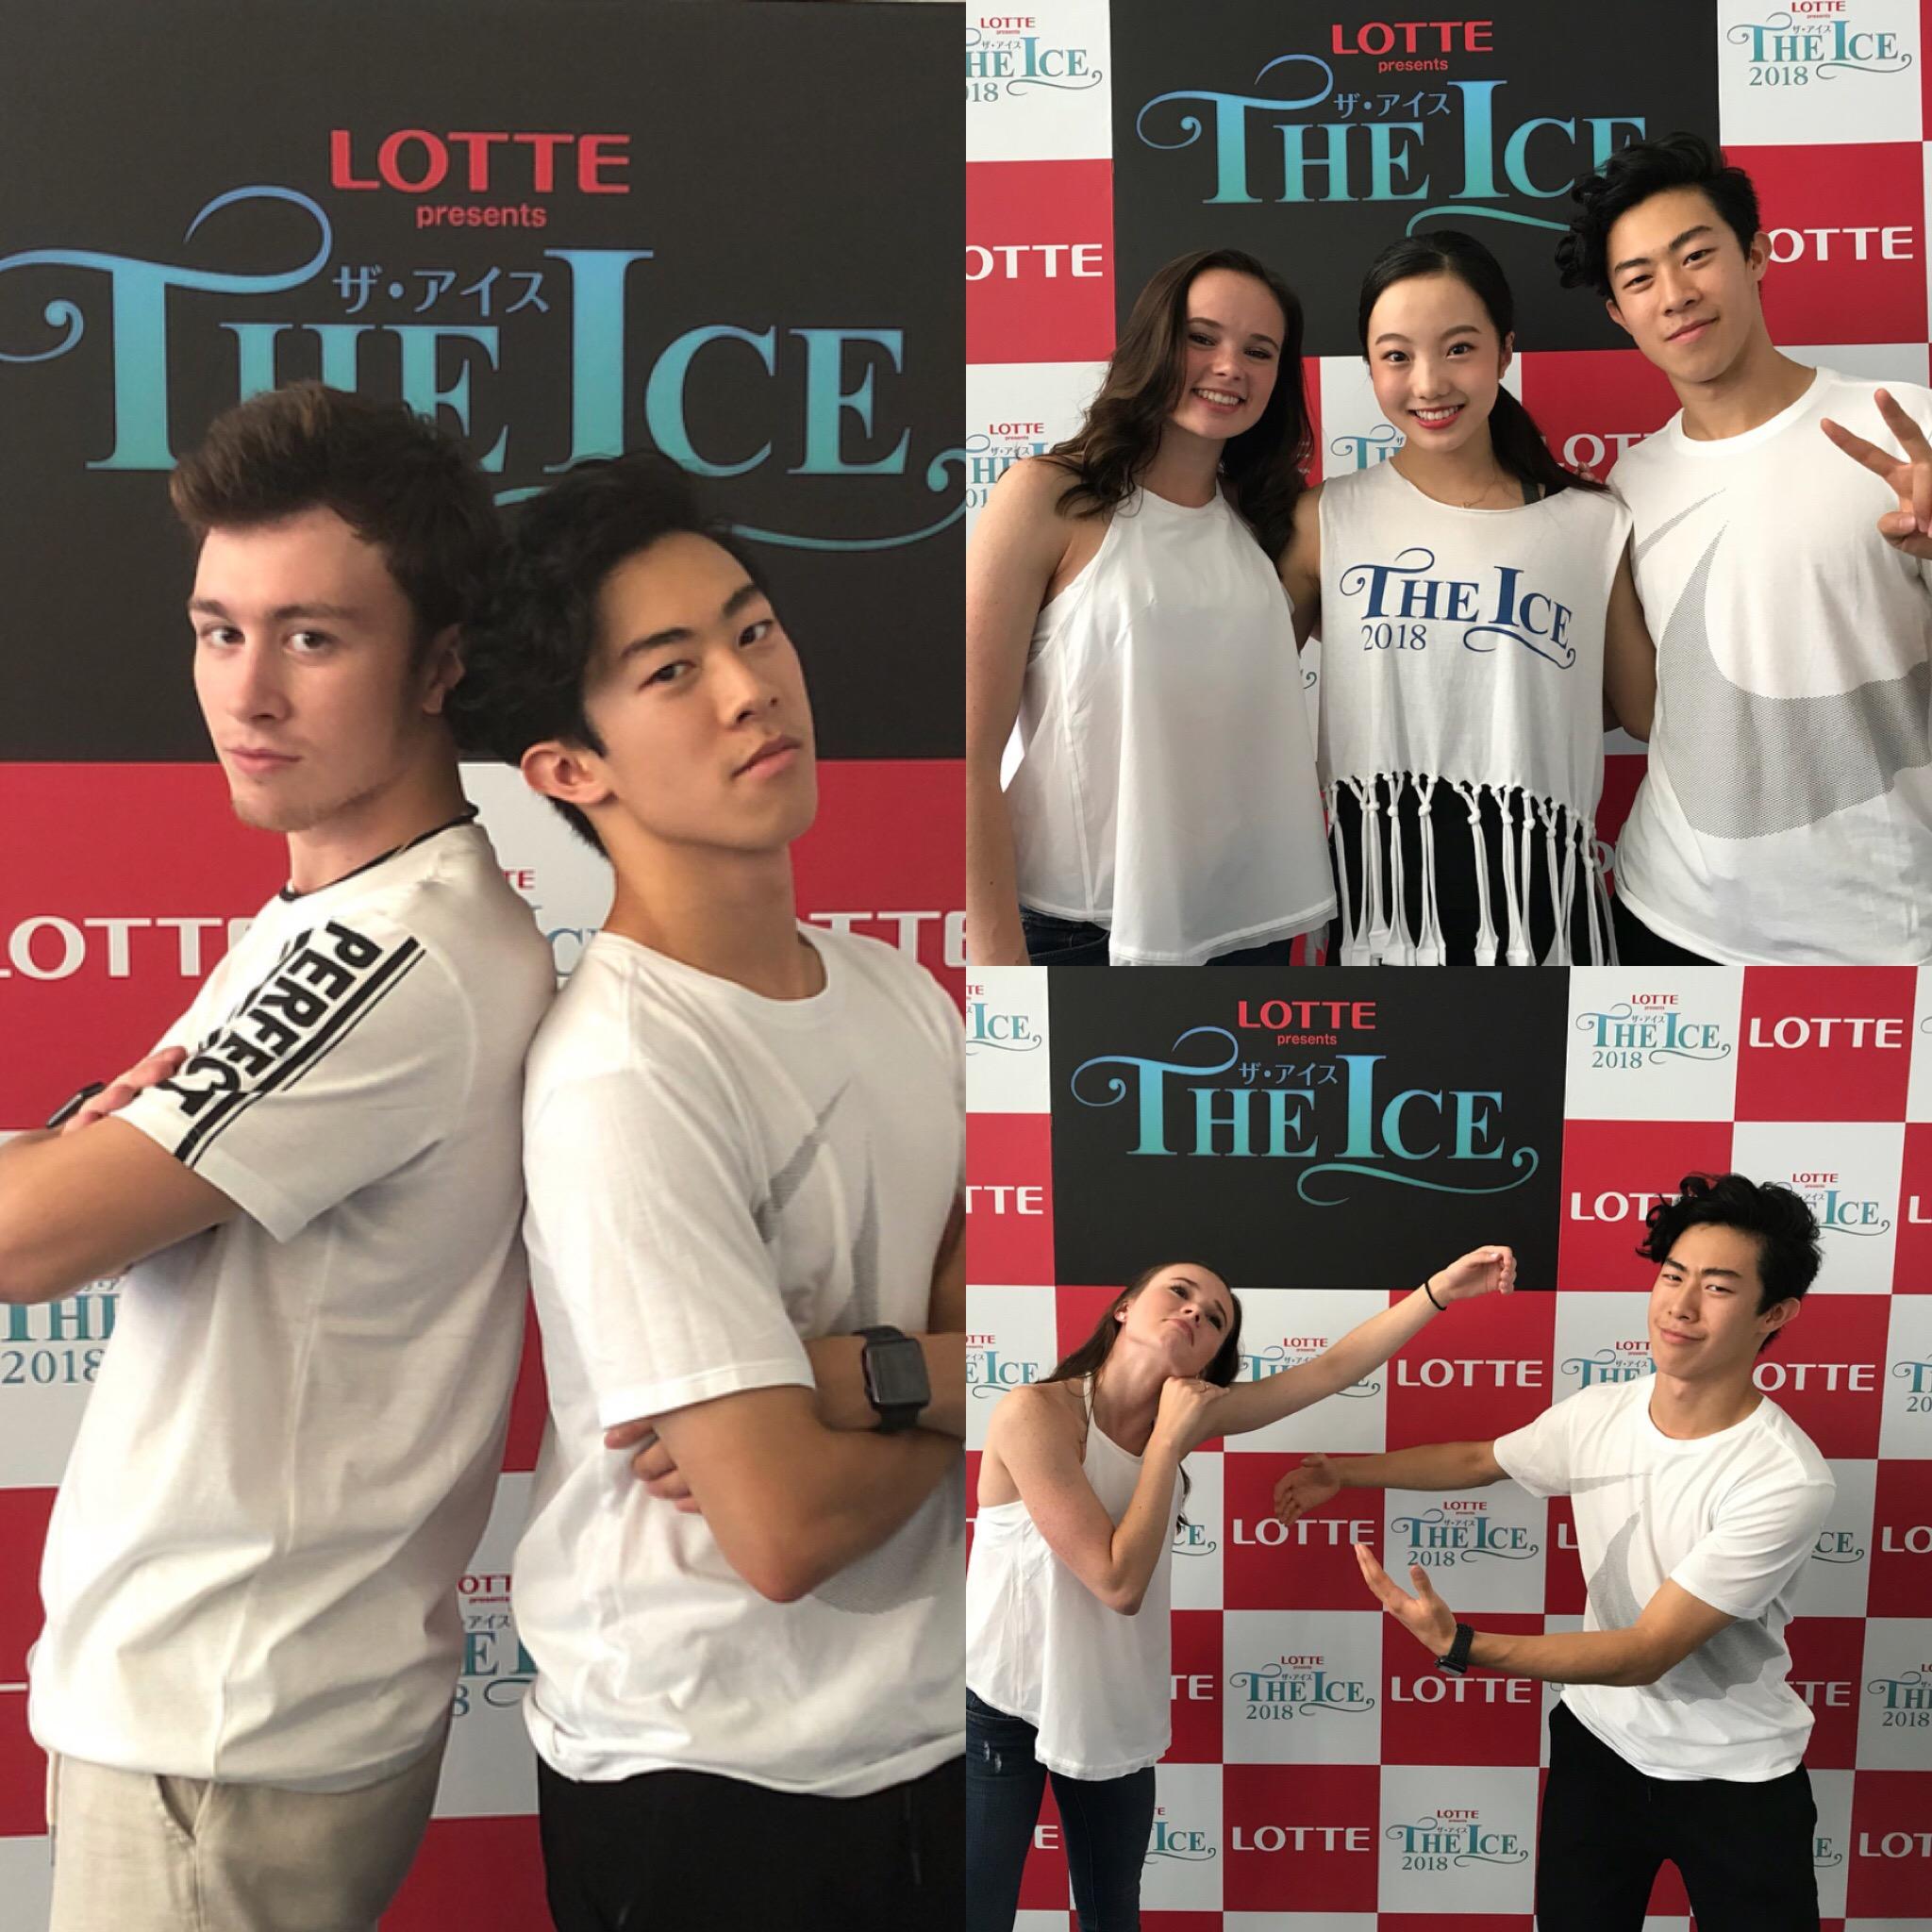 フィギュアスケート youtube